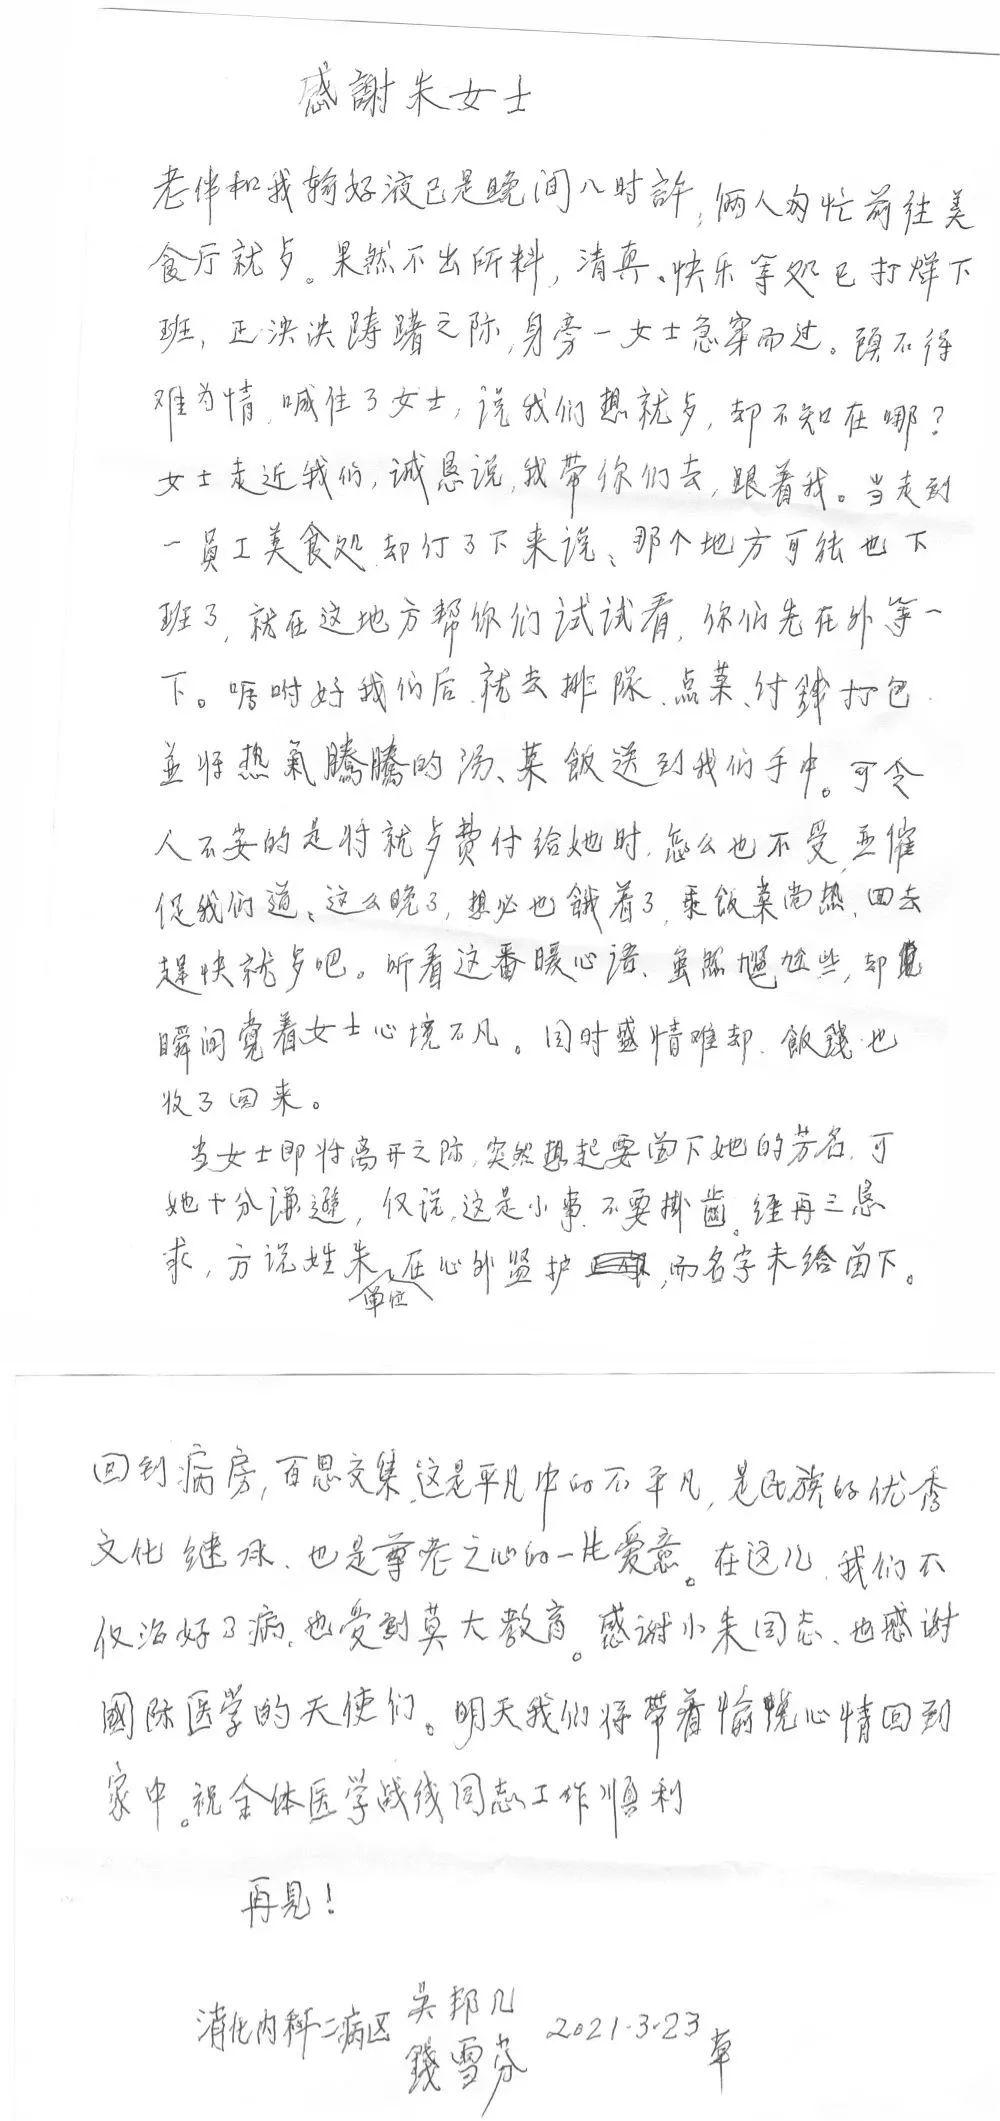 老人手写感谢信 只为这件事……